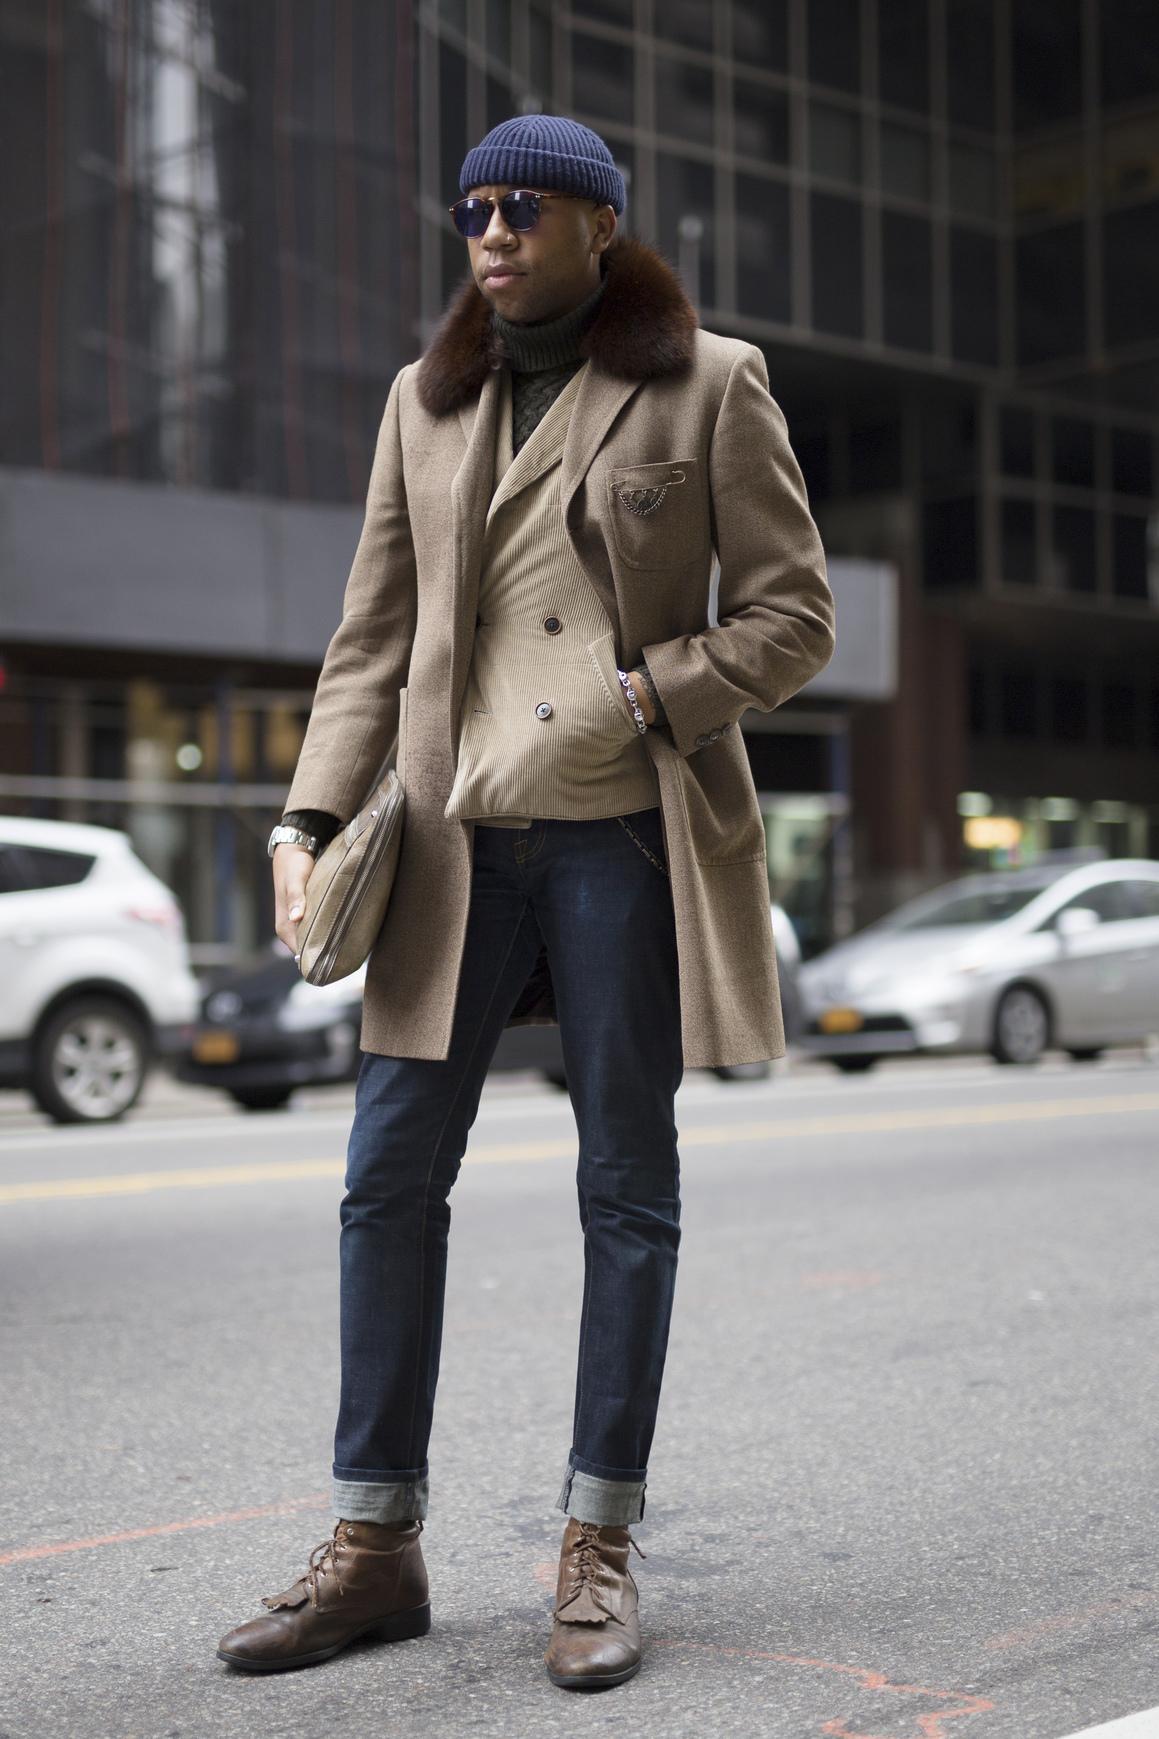 Wysocy mężczyźni często trafiają na zbyt krótki i ciasne ubrania